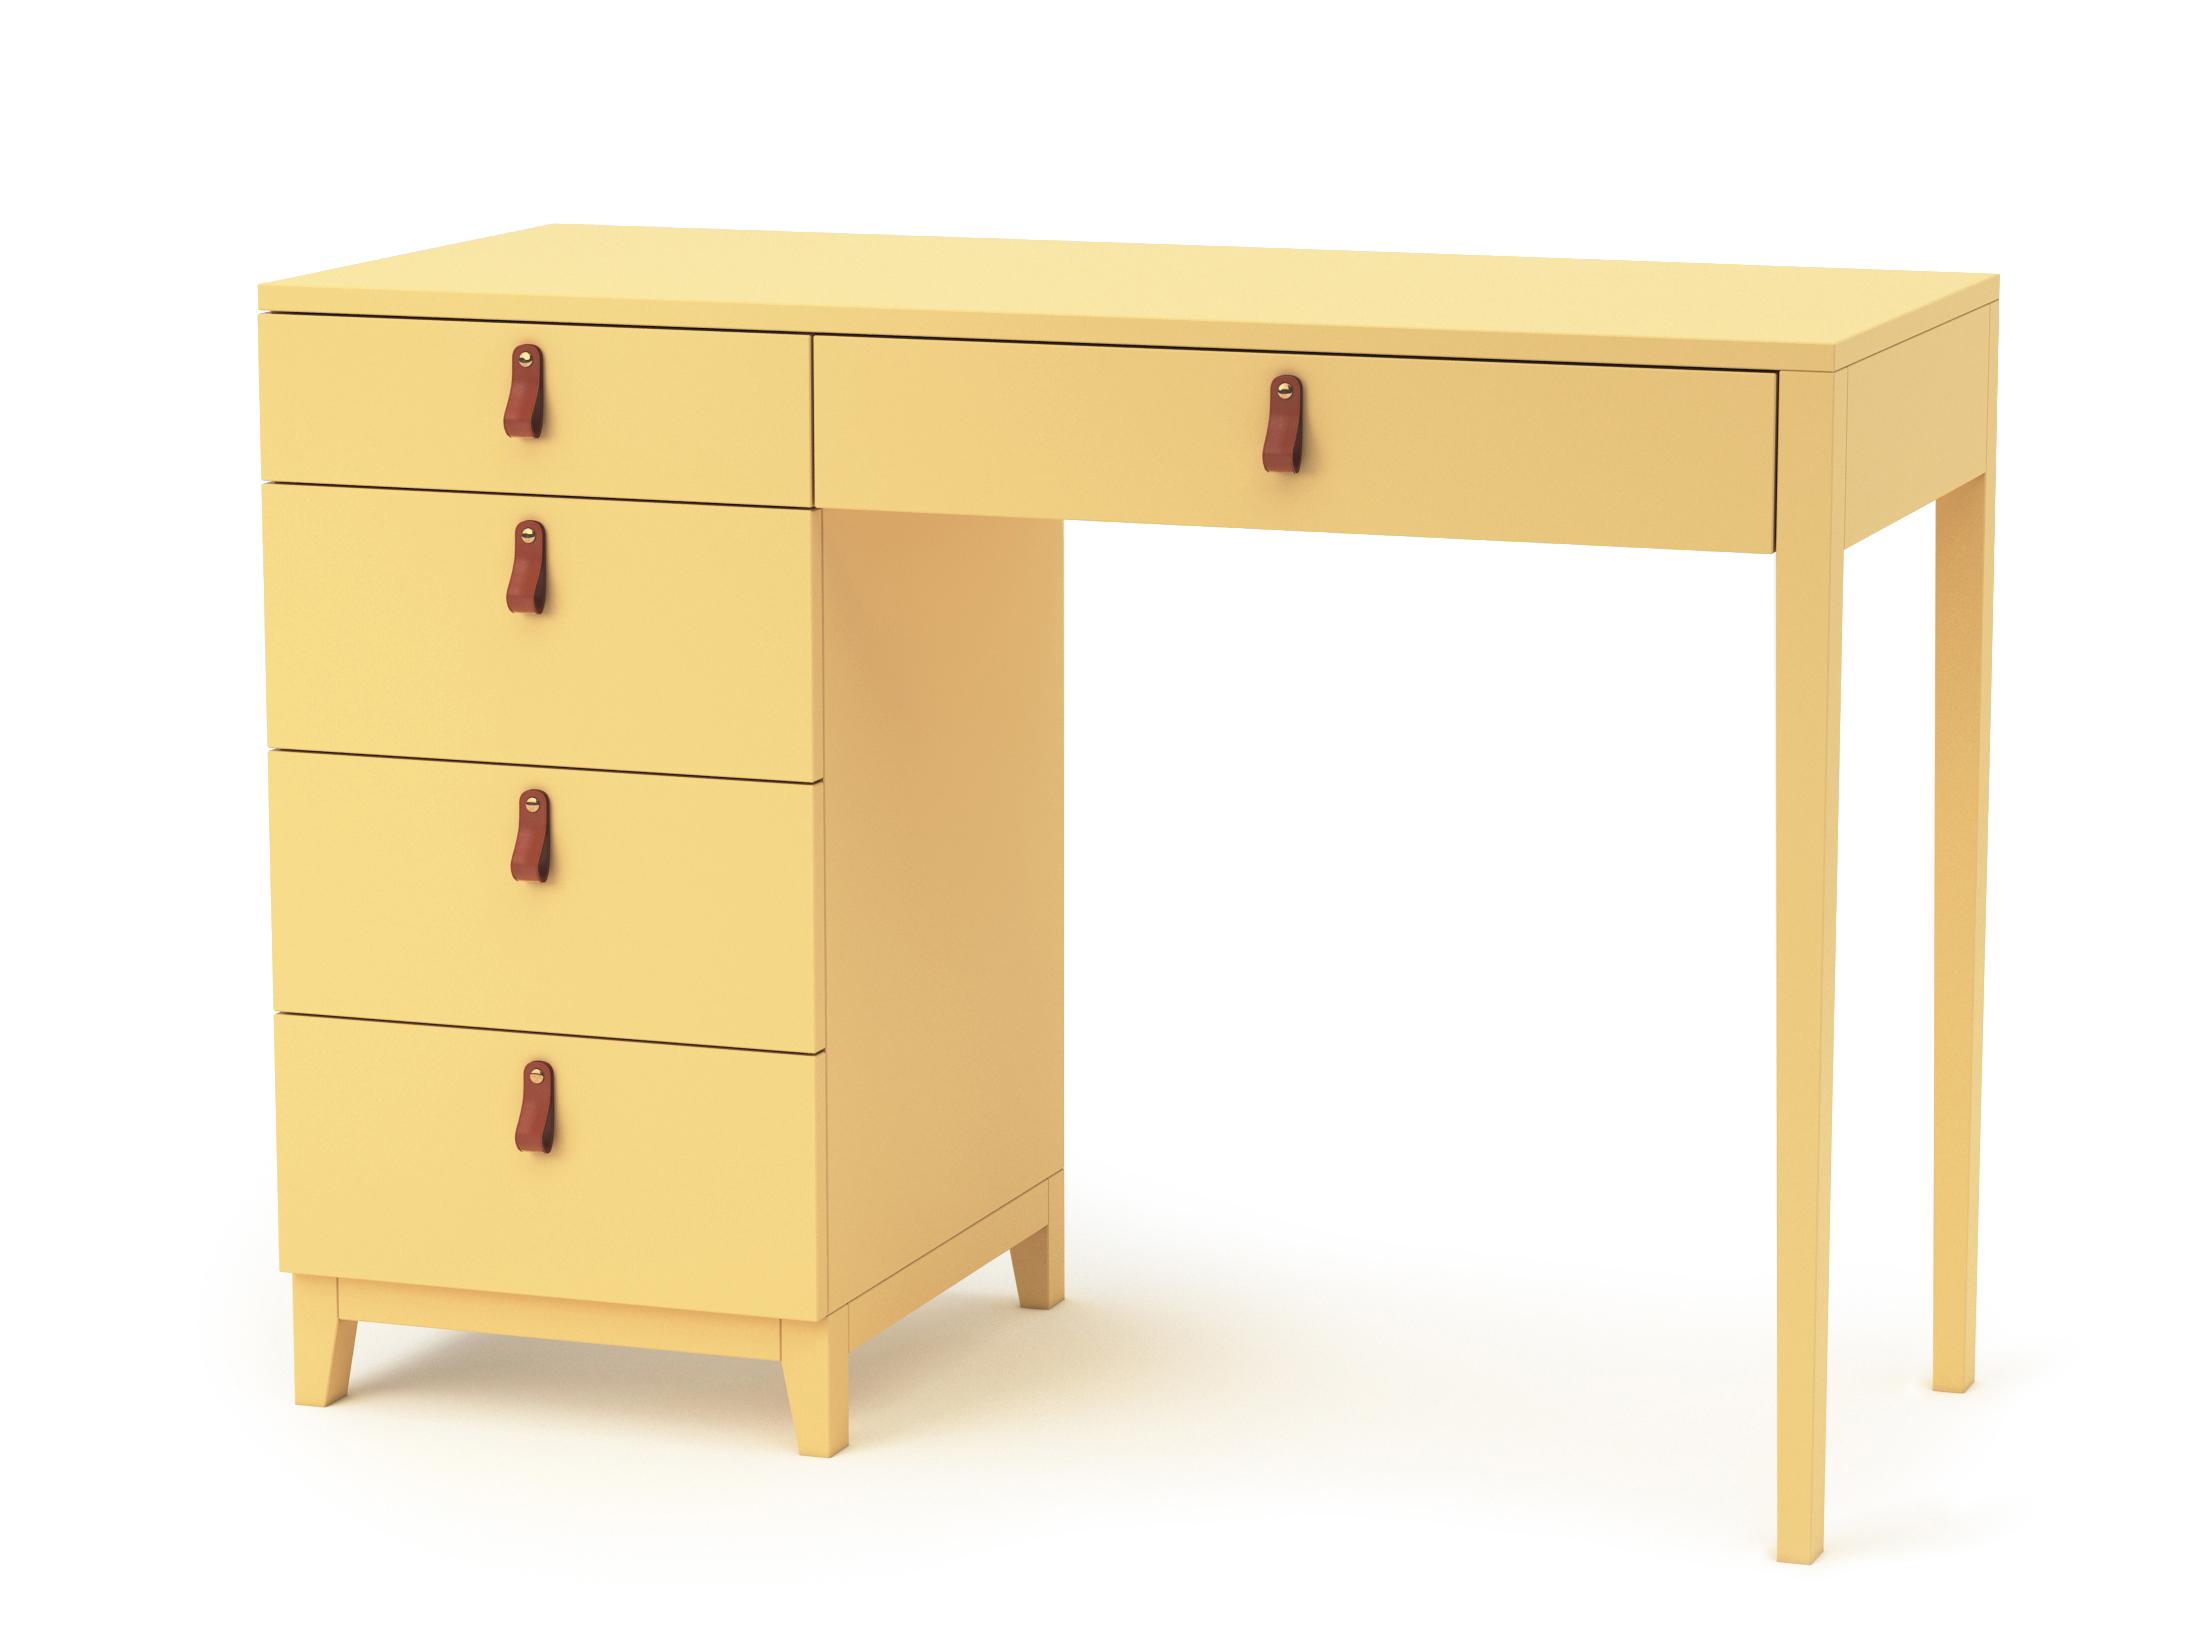 Консольный столикJAGGERПисьменные столы<br>Консольный стол&amp;amp;nbsp;Jagger &amp;amp;nbsp;обладает лаконичным дизайном с изысканными кожаными ручками и универсальными характеристиками. Стол Jagger будет органично смотреться как в компактных, так и в больших пространствах. В небольших помещениях может использоваться в качестве письменного стола. Доступен в лево- и правостороннем варианте исполнения.&amp;lt;div&amp;gt;&amp;lt;br&amp;gt;&amp;lt;/div&amp;gt;&amp;lt;div&amp;gt;Материал: Массив дуба, МДФ, эмаль, лак&amp;lt;br&amp;gt;&amp;lt;/div&amp;gt;<br><br>Material: Дерево<br>Ширина см: 100<br>Высота см: 75<br>Глубина см: 50